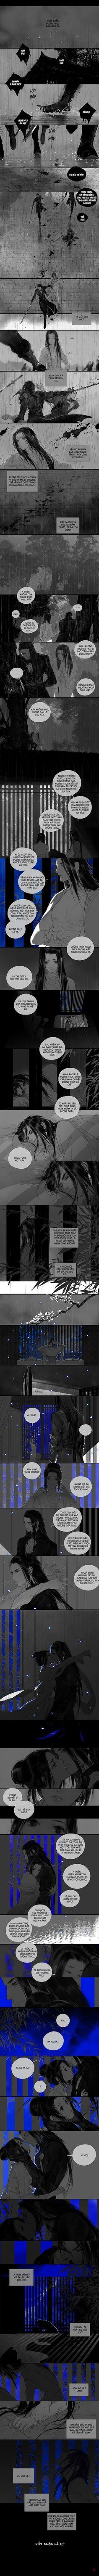 Điệp Lan chương 10 Mục lục ← Chương 9.5